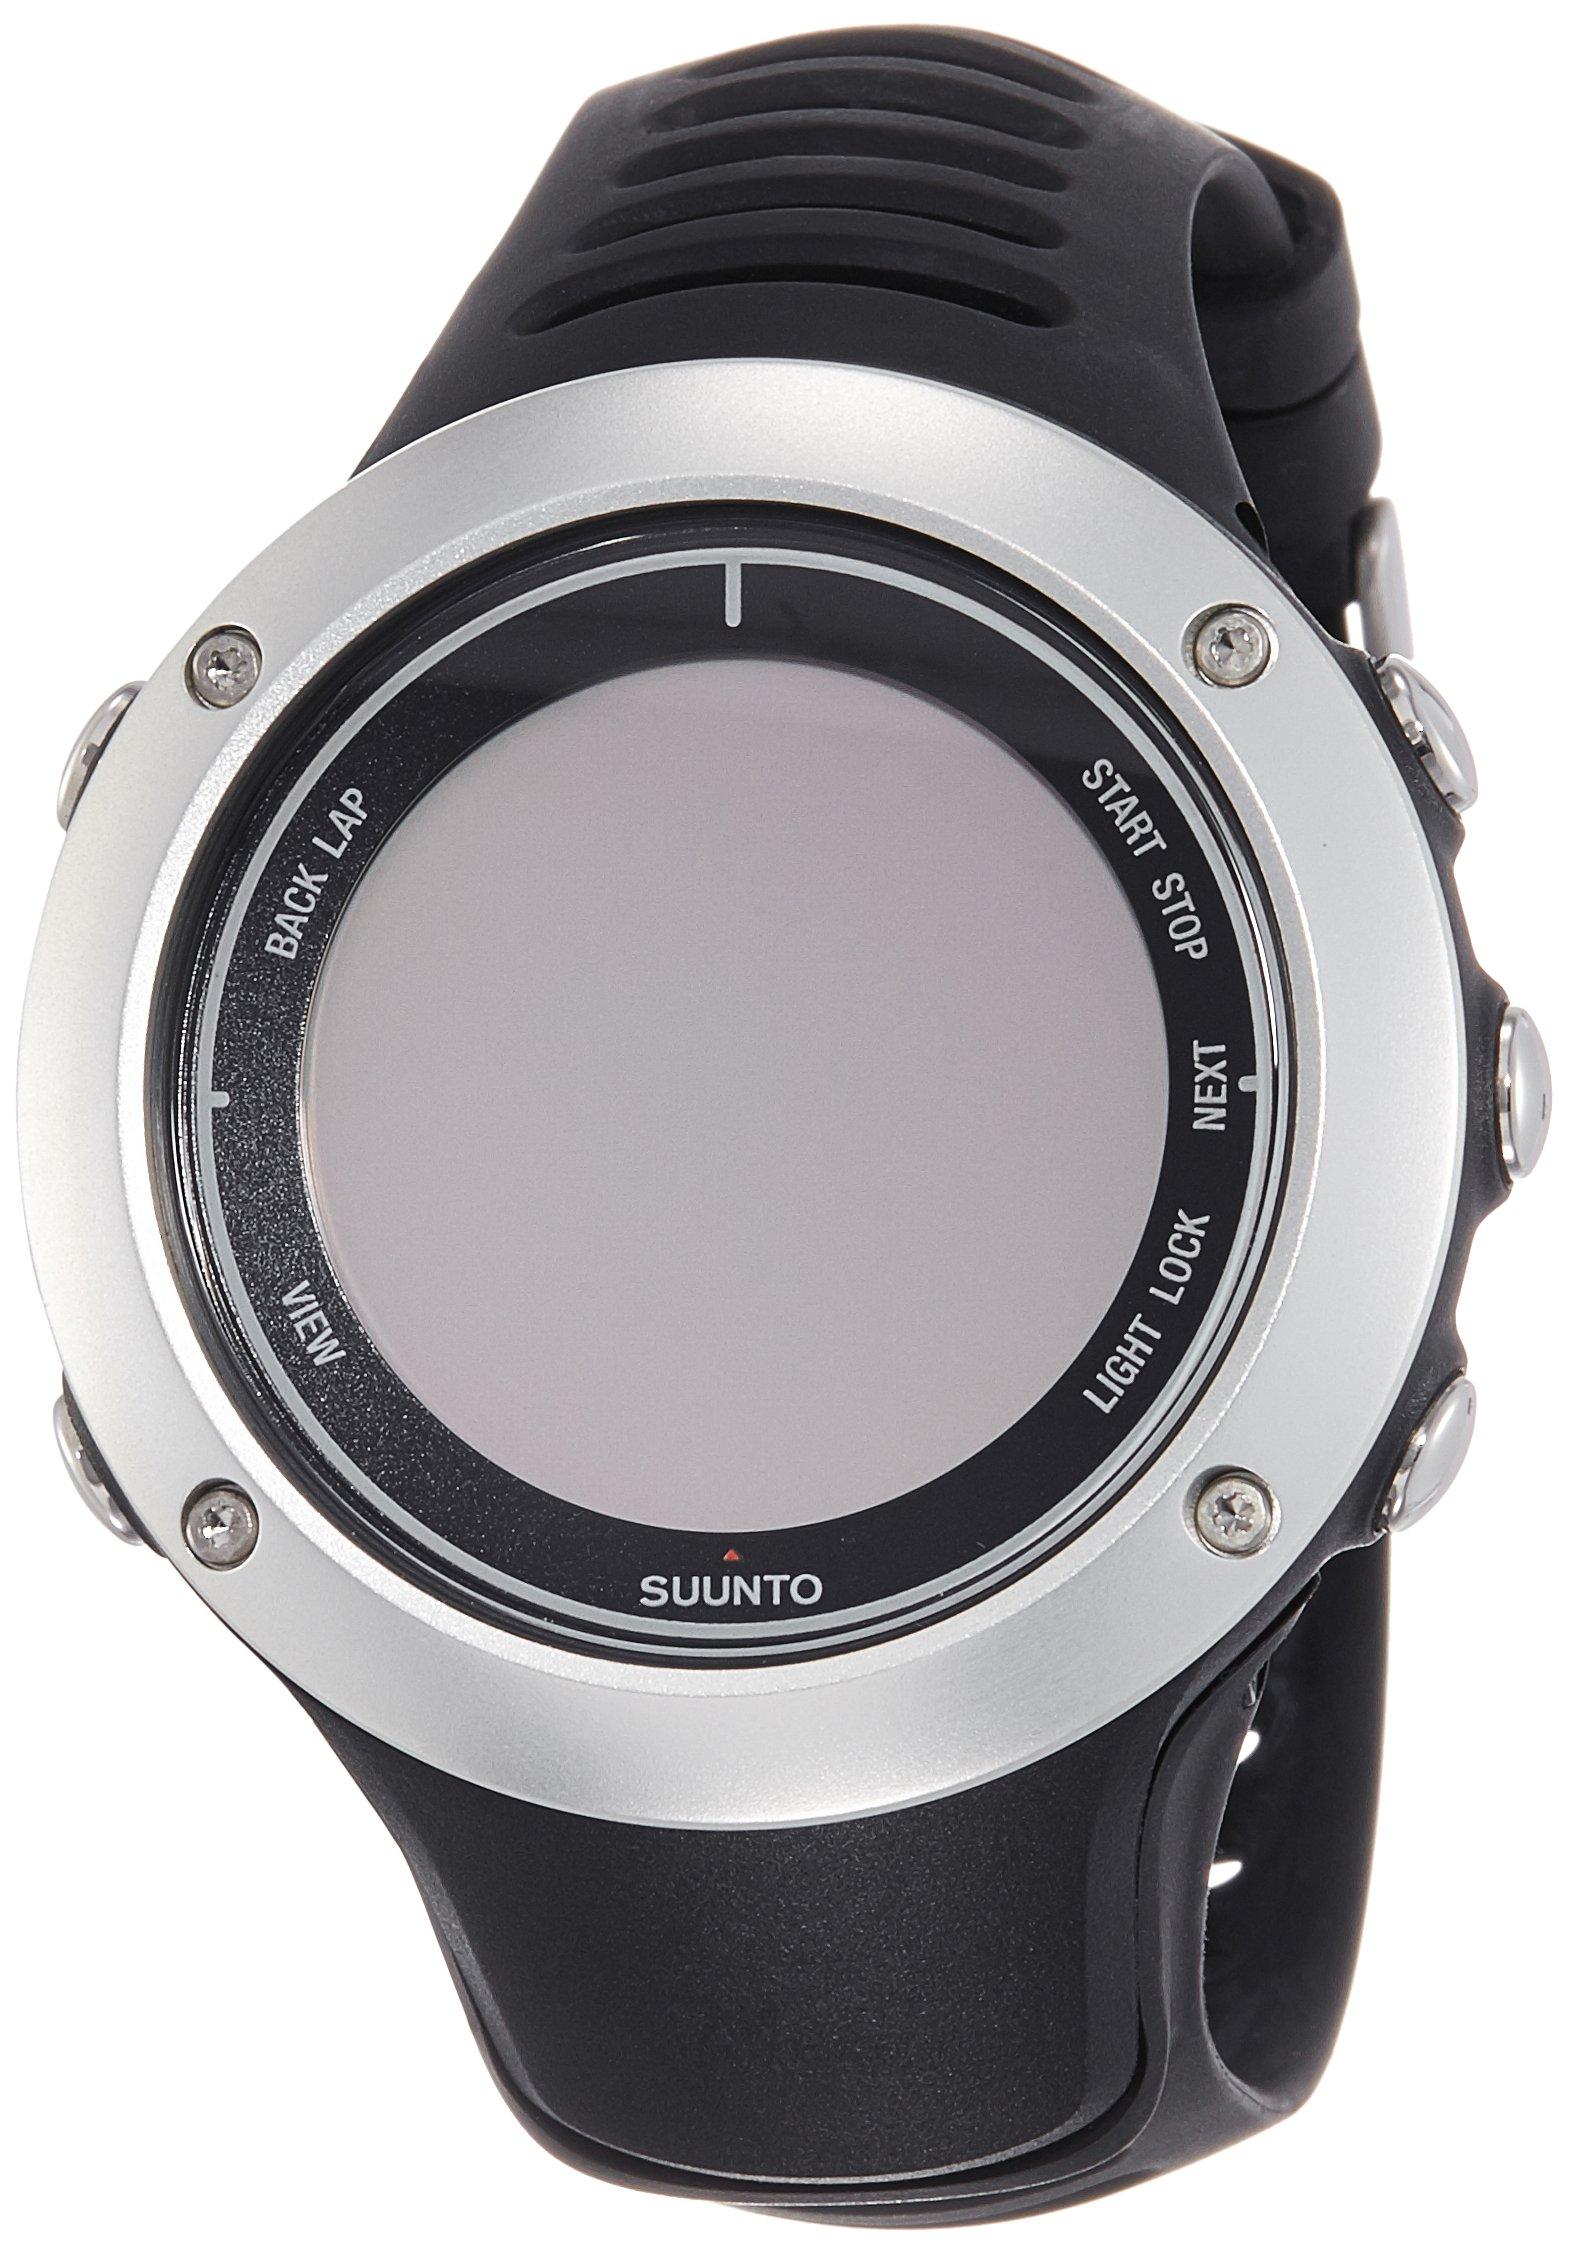 Suunto AMbit 2S Sport Watch - Graphite